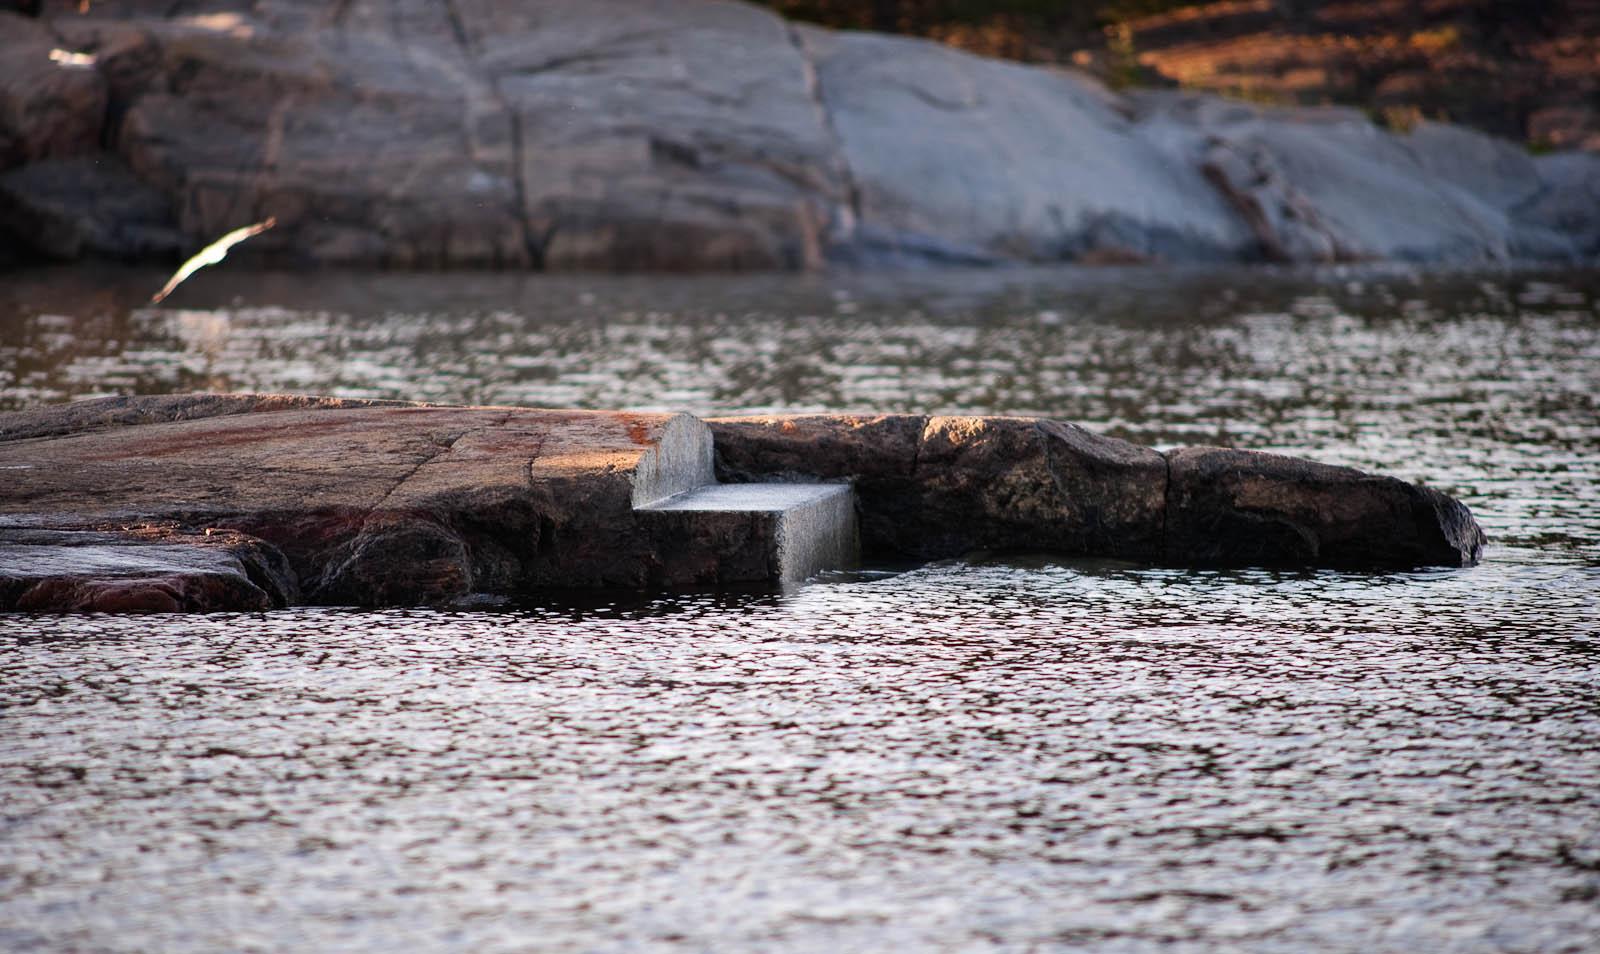 Strömmande ogenomskinligt vatten. Ett trappsteg inhugget i klippan, som leder ner i vattnet. I bakgrunden flyger en fågel. Katarina Löfström, Passage